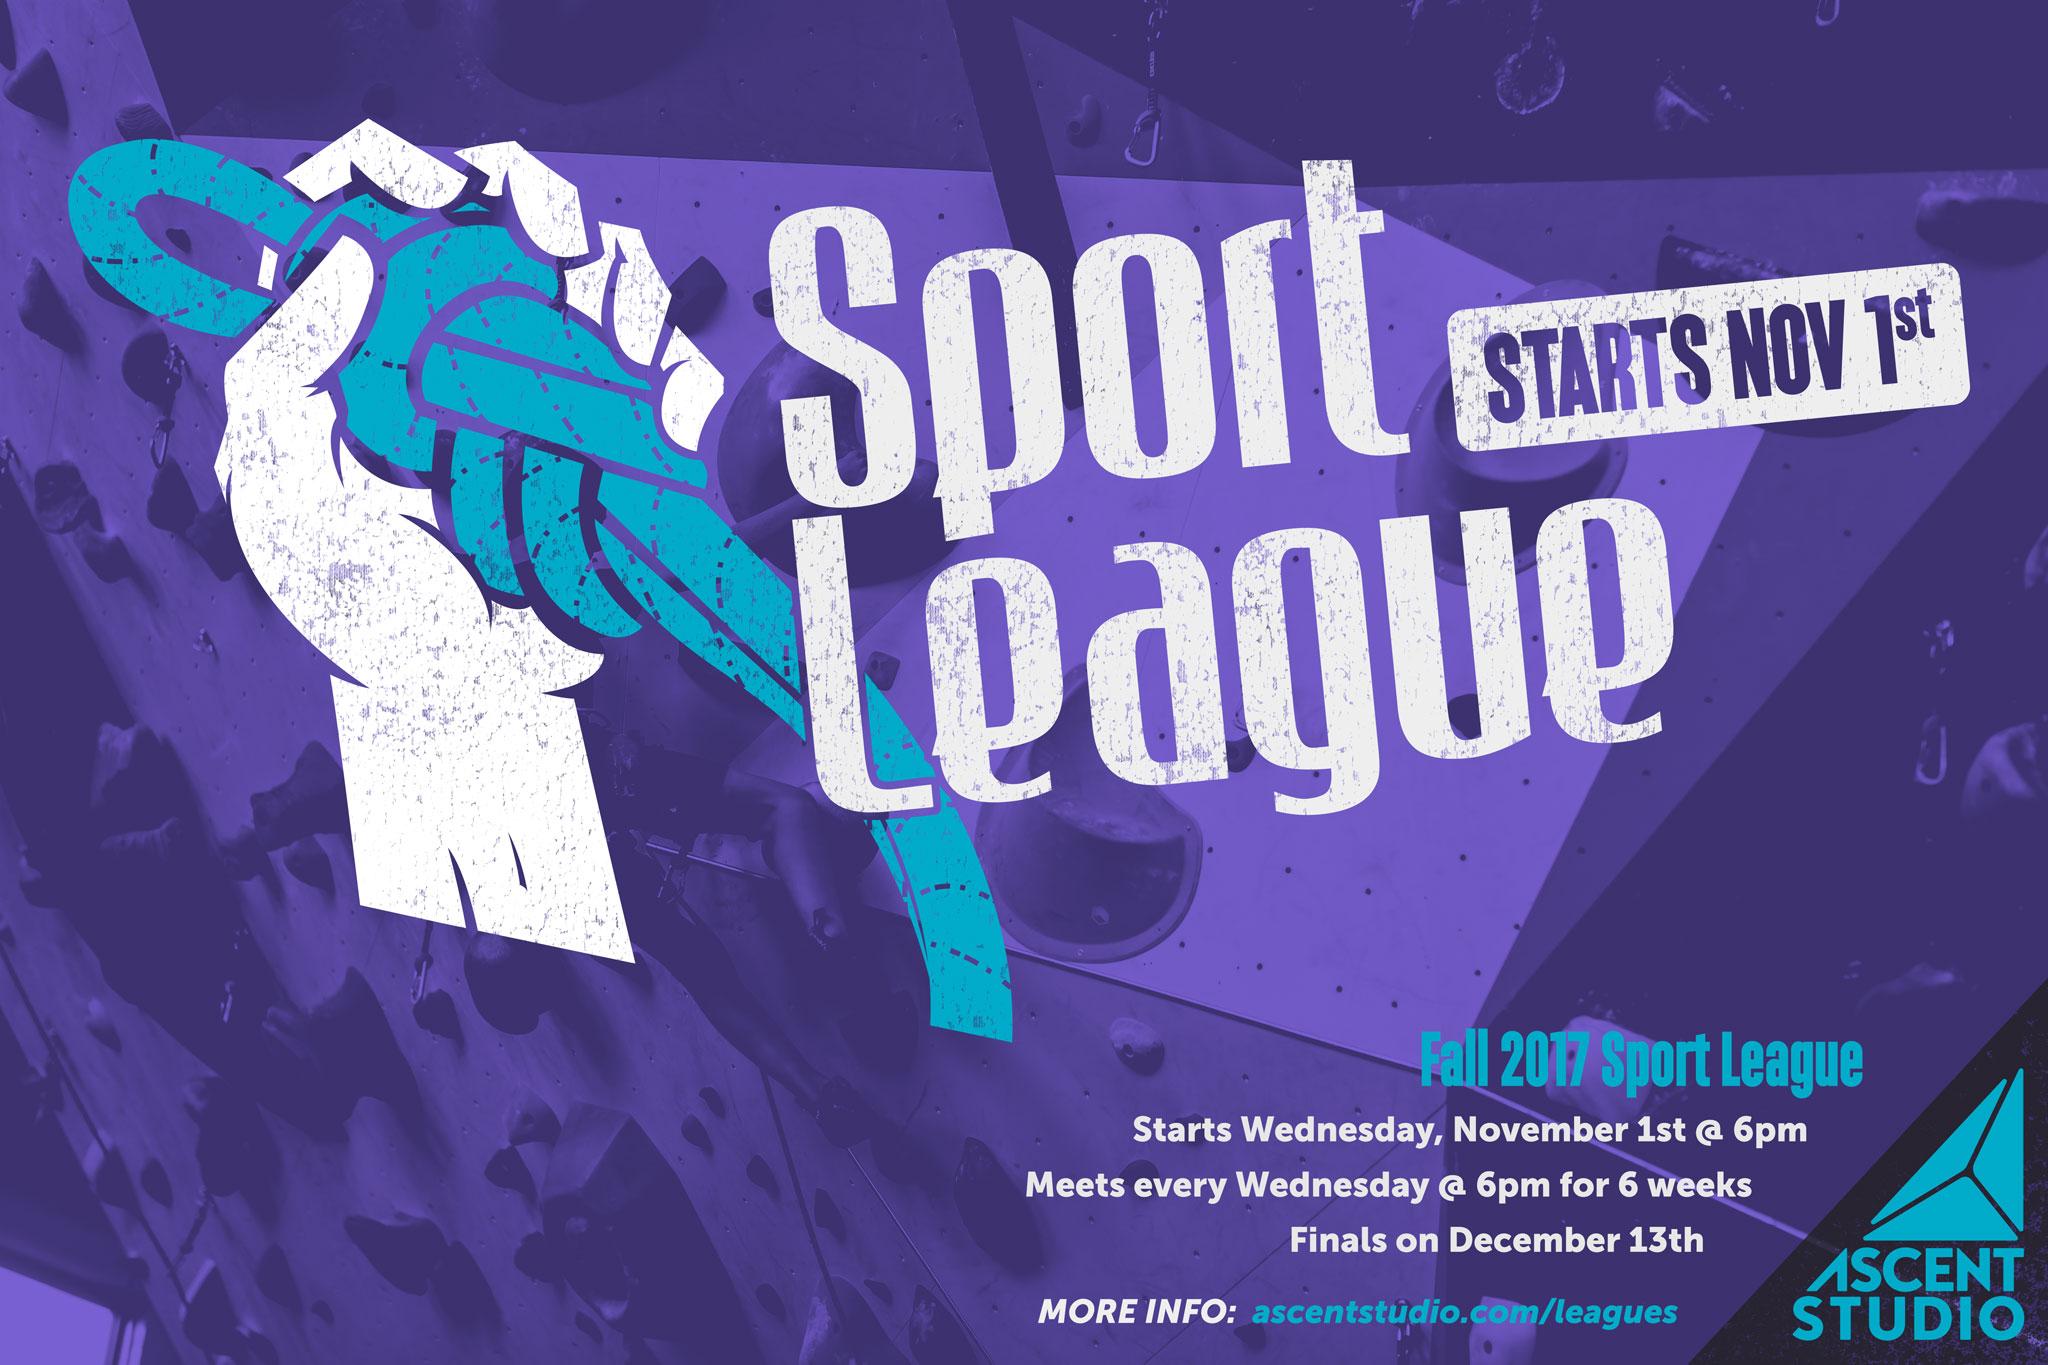 Sport League 2017 Poster